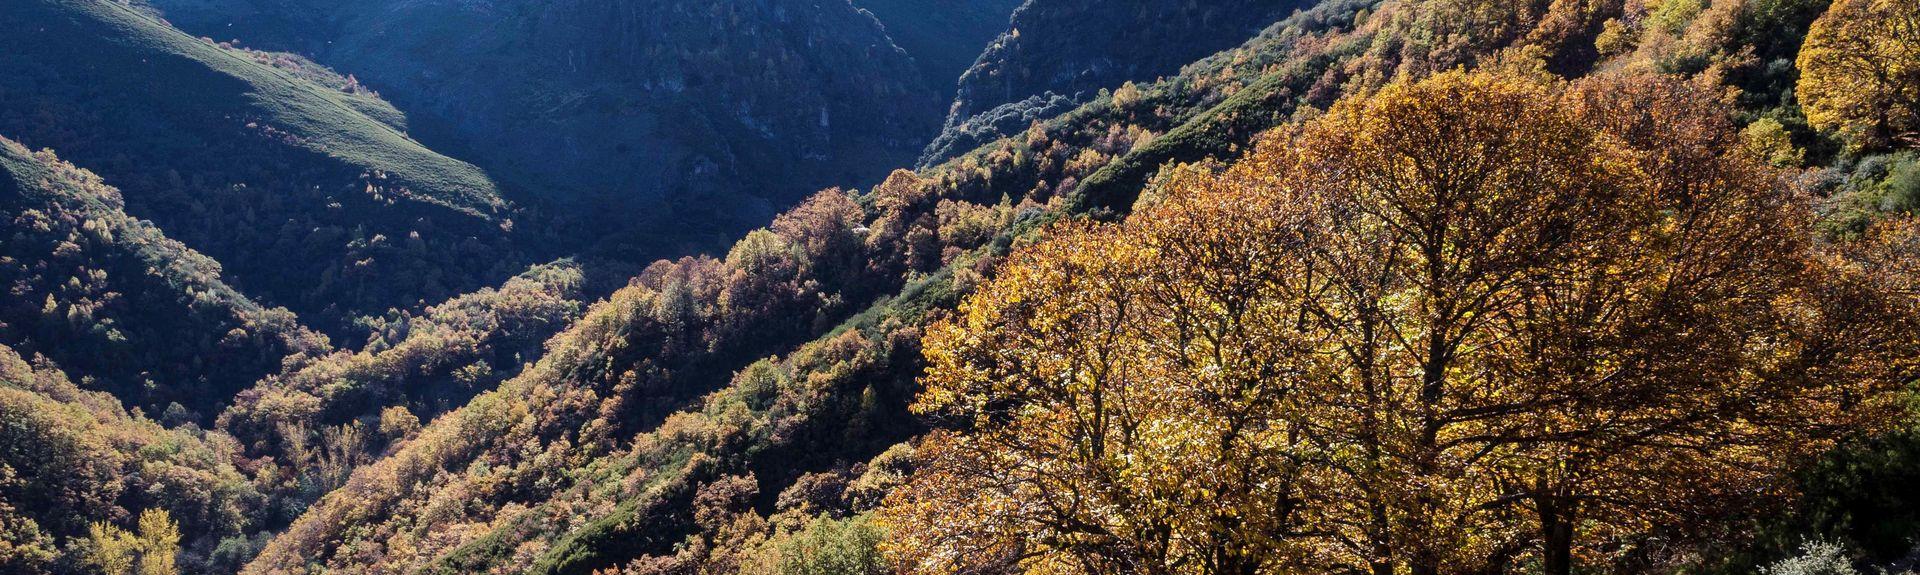 Castropodame, León, Castilla y León, Spain